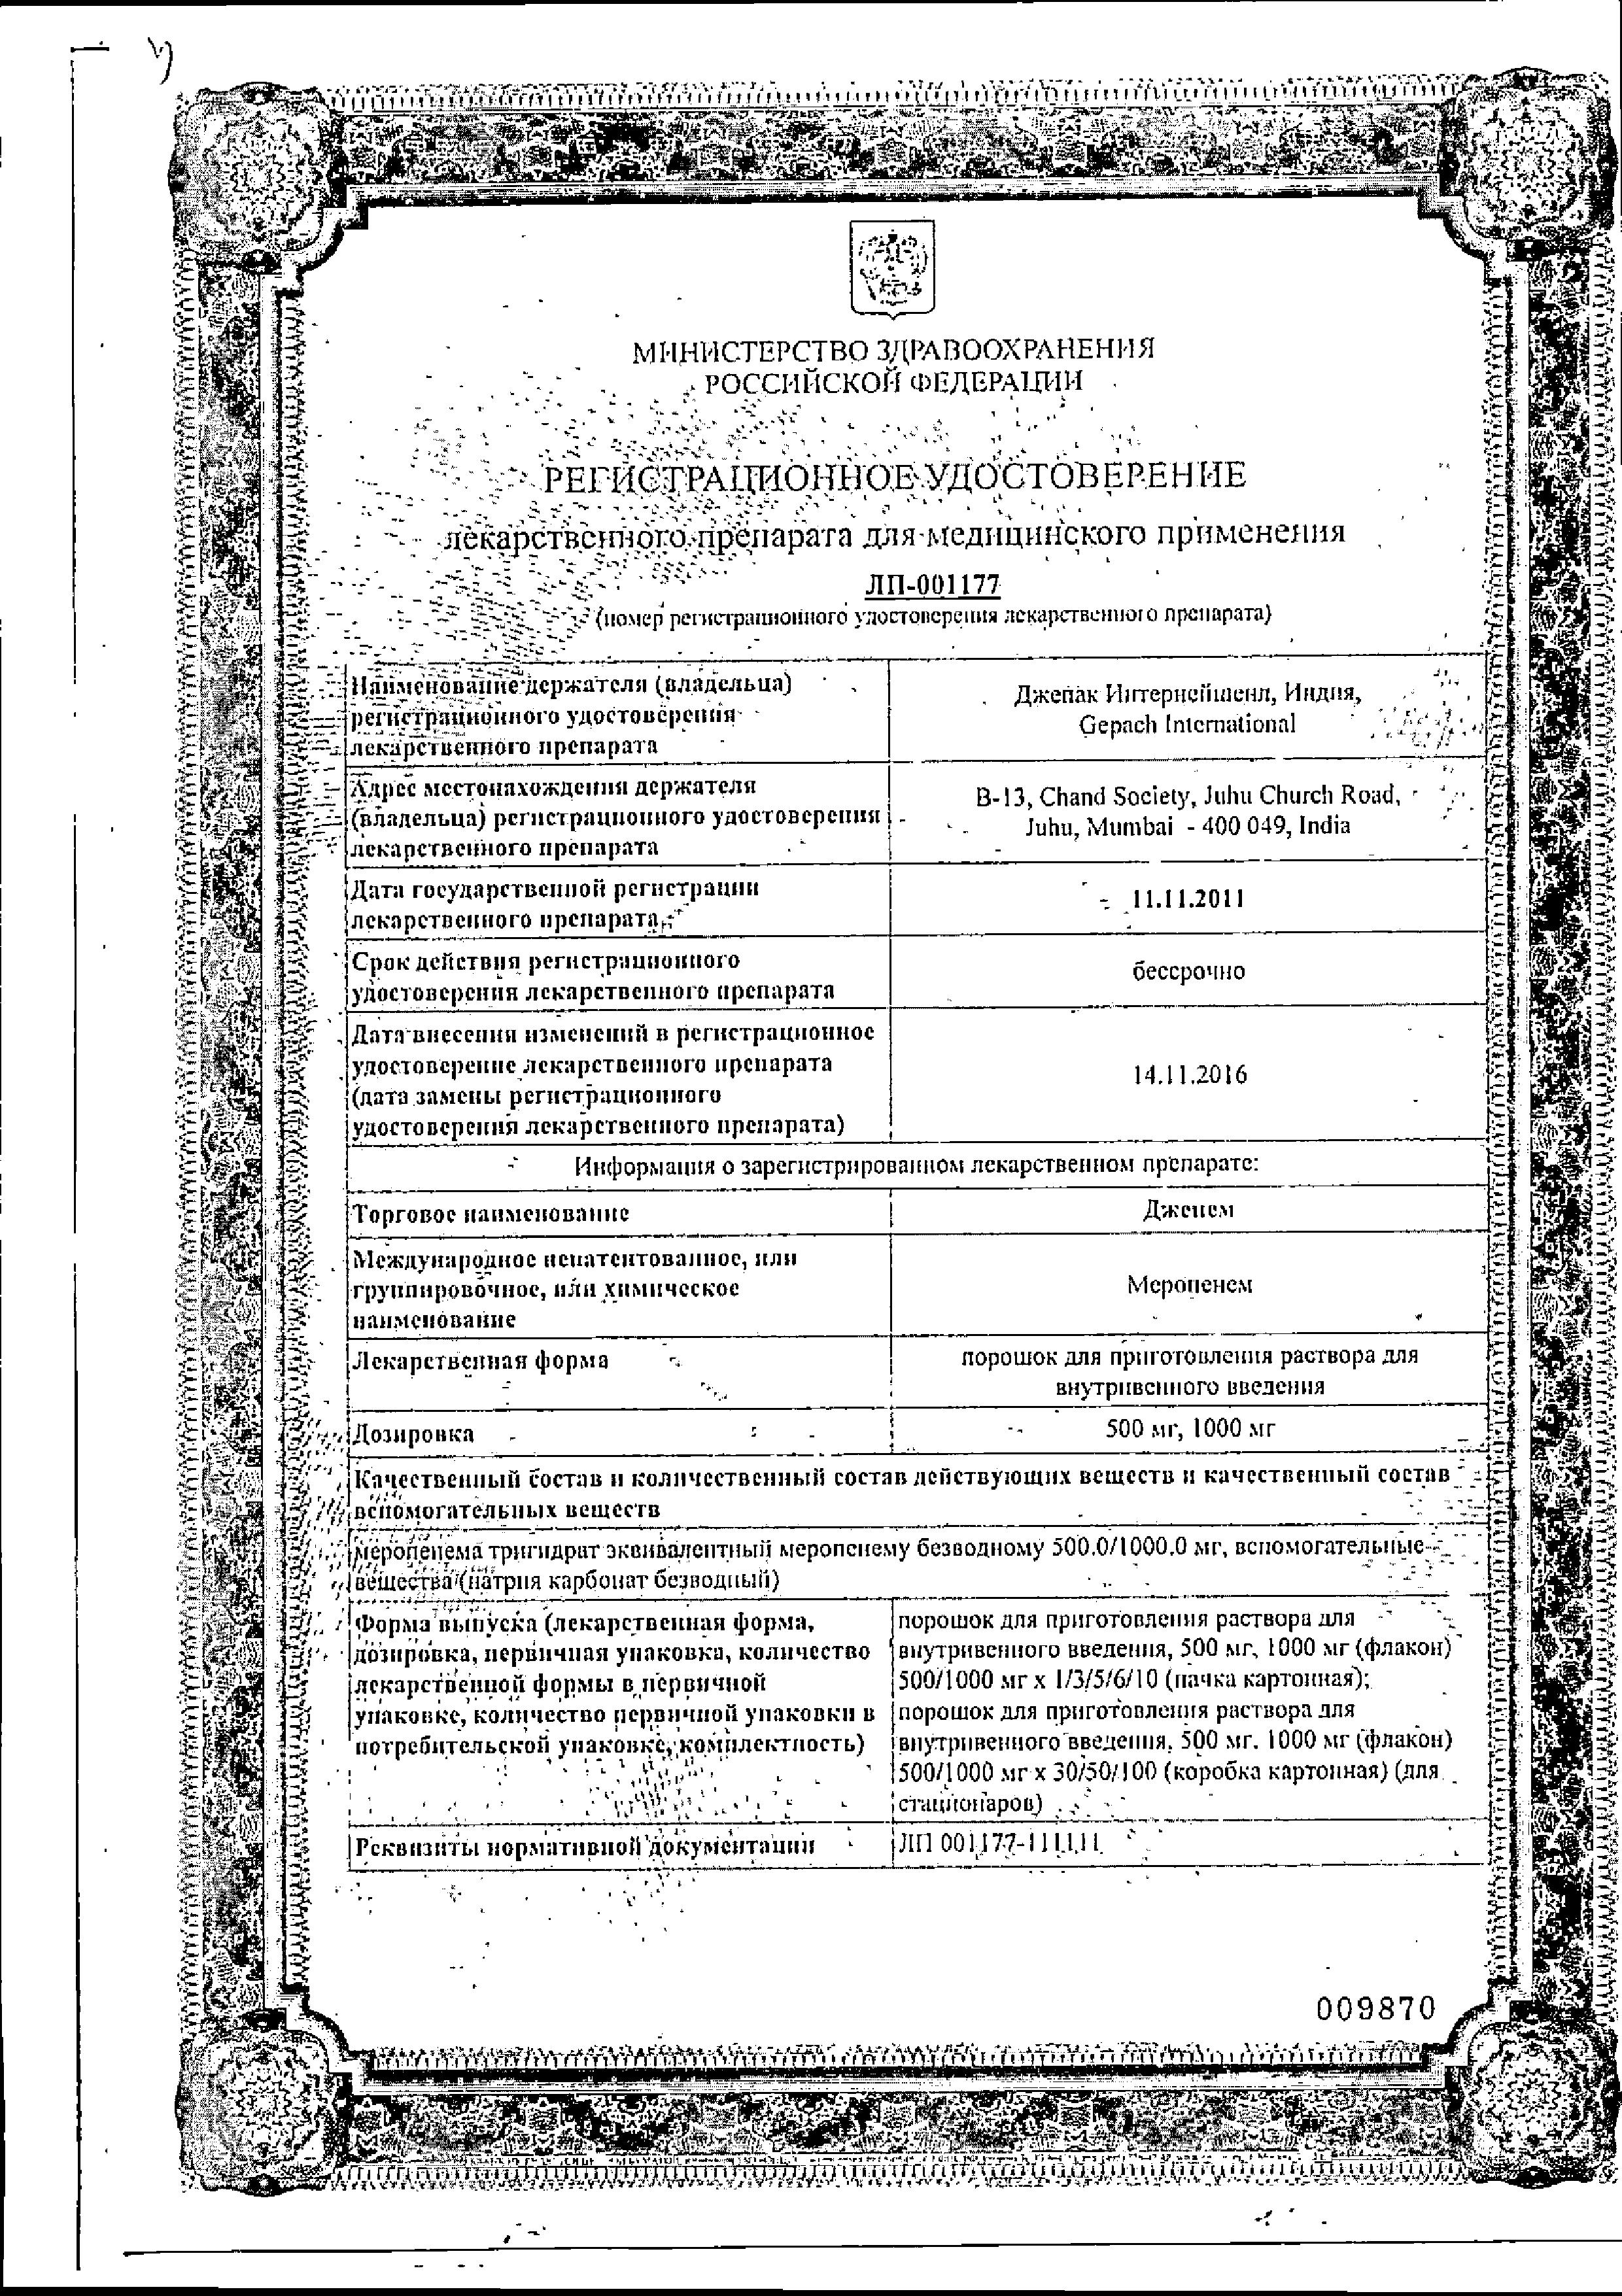 Дженем сертификат